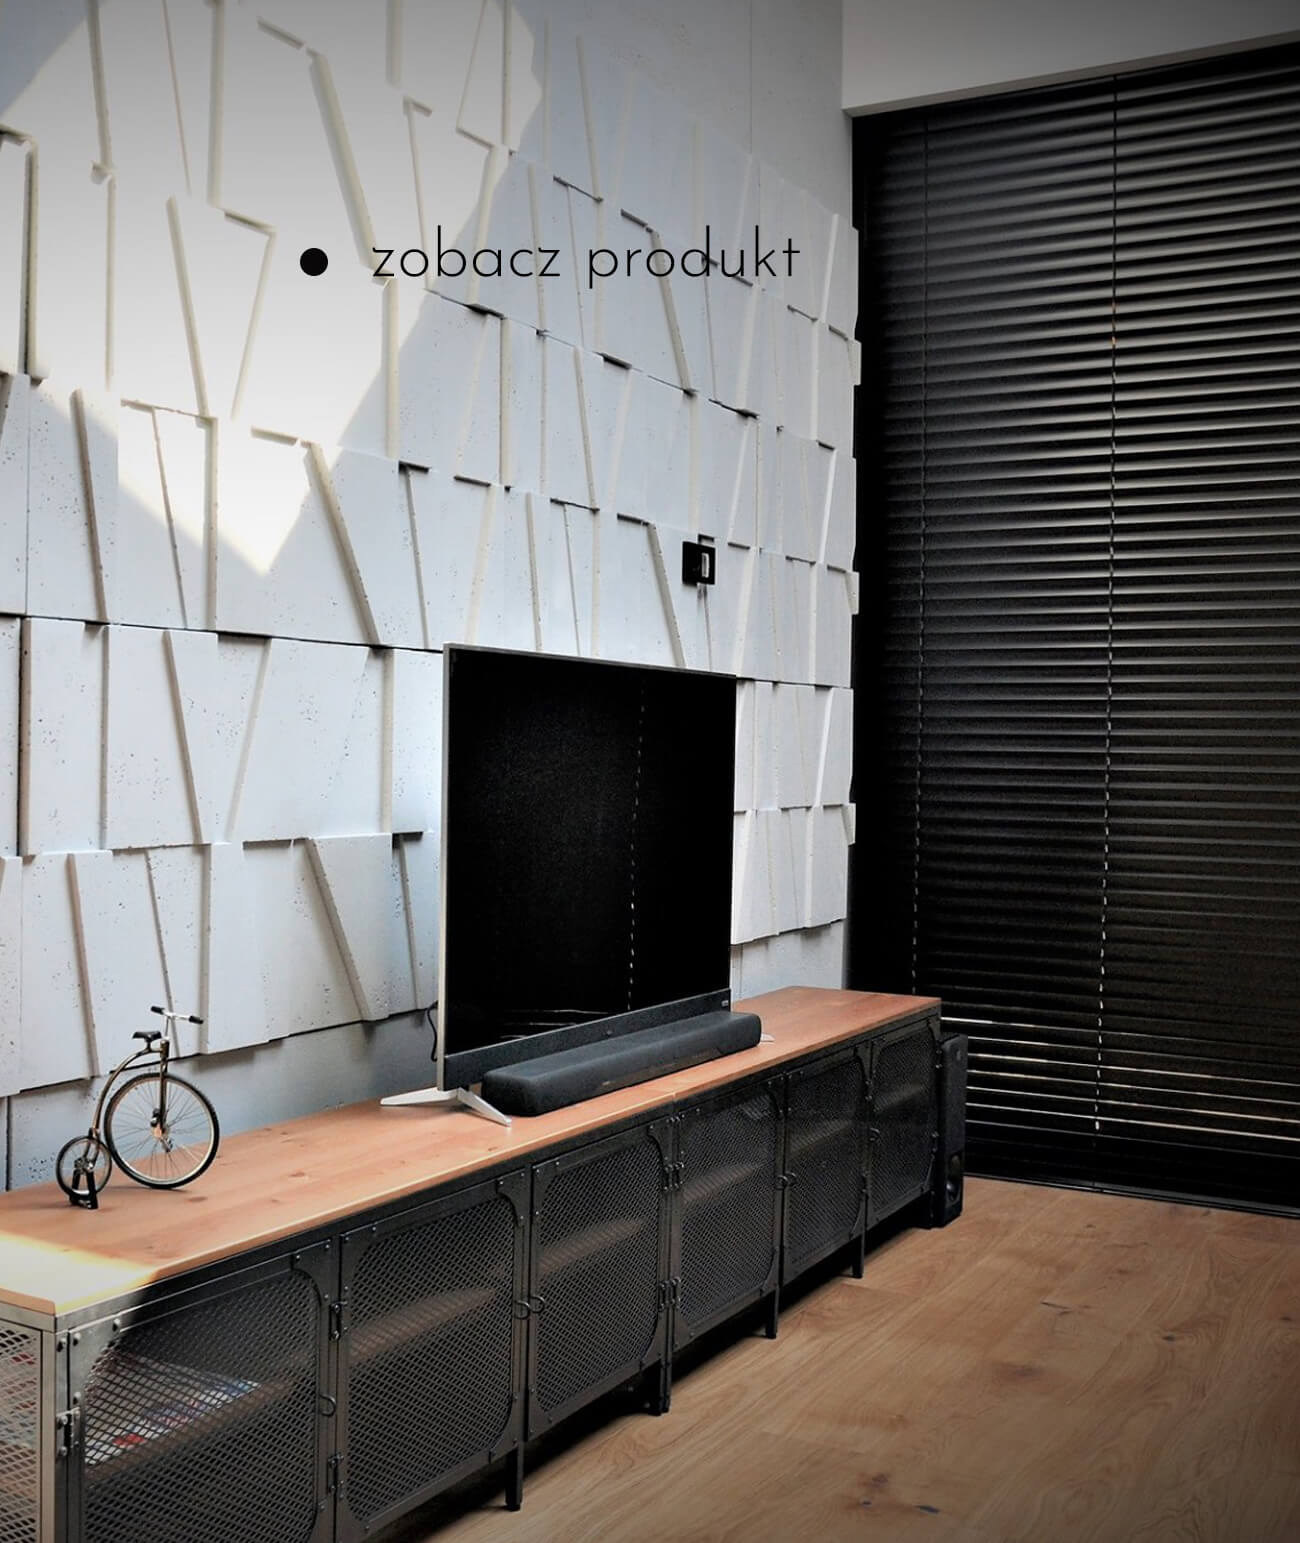 panele-betonowe-3d-scienne-i-elewacyjne-beton-architektoniczny_370-1991-pb09-bs-sniezno-bialy-mozaika---panel-dekor-3d-beton-architektoniczny-panel-scienny